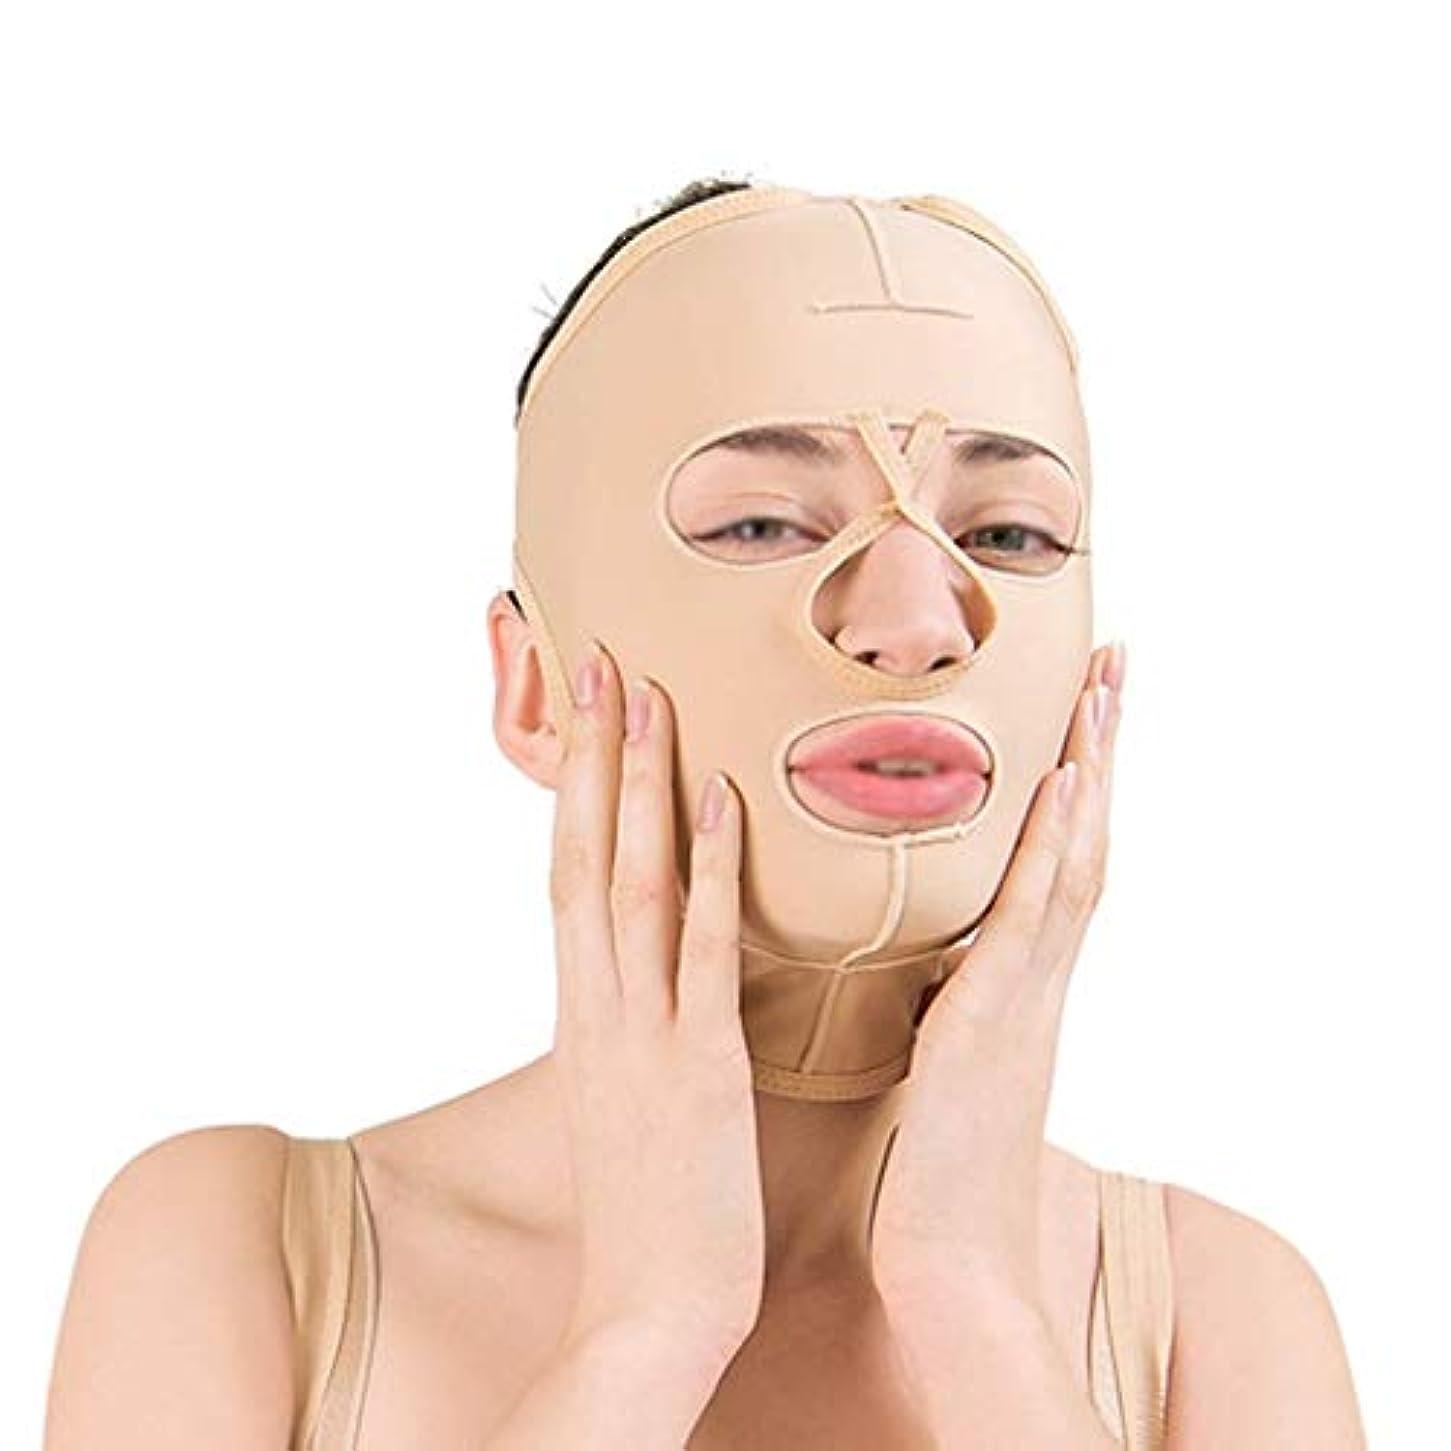 ポーチ精算一緒にフェイススリミングマスク、フェイスバンデージ付きフェイシャル減量マスク、通気性フェイスリフト、引き締め、フェイスリフティング(サイズ:L),M